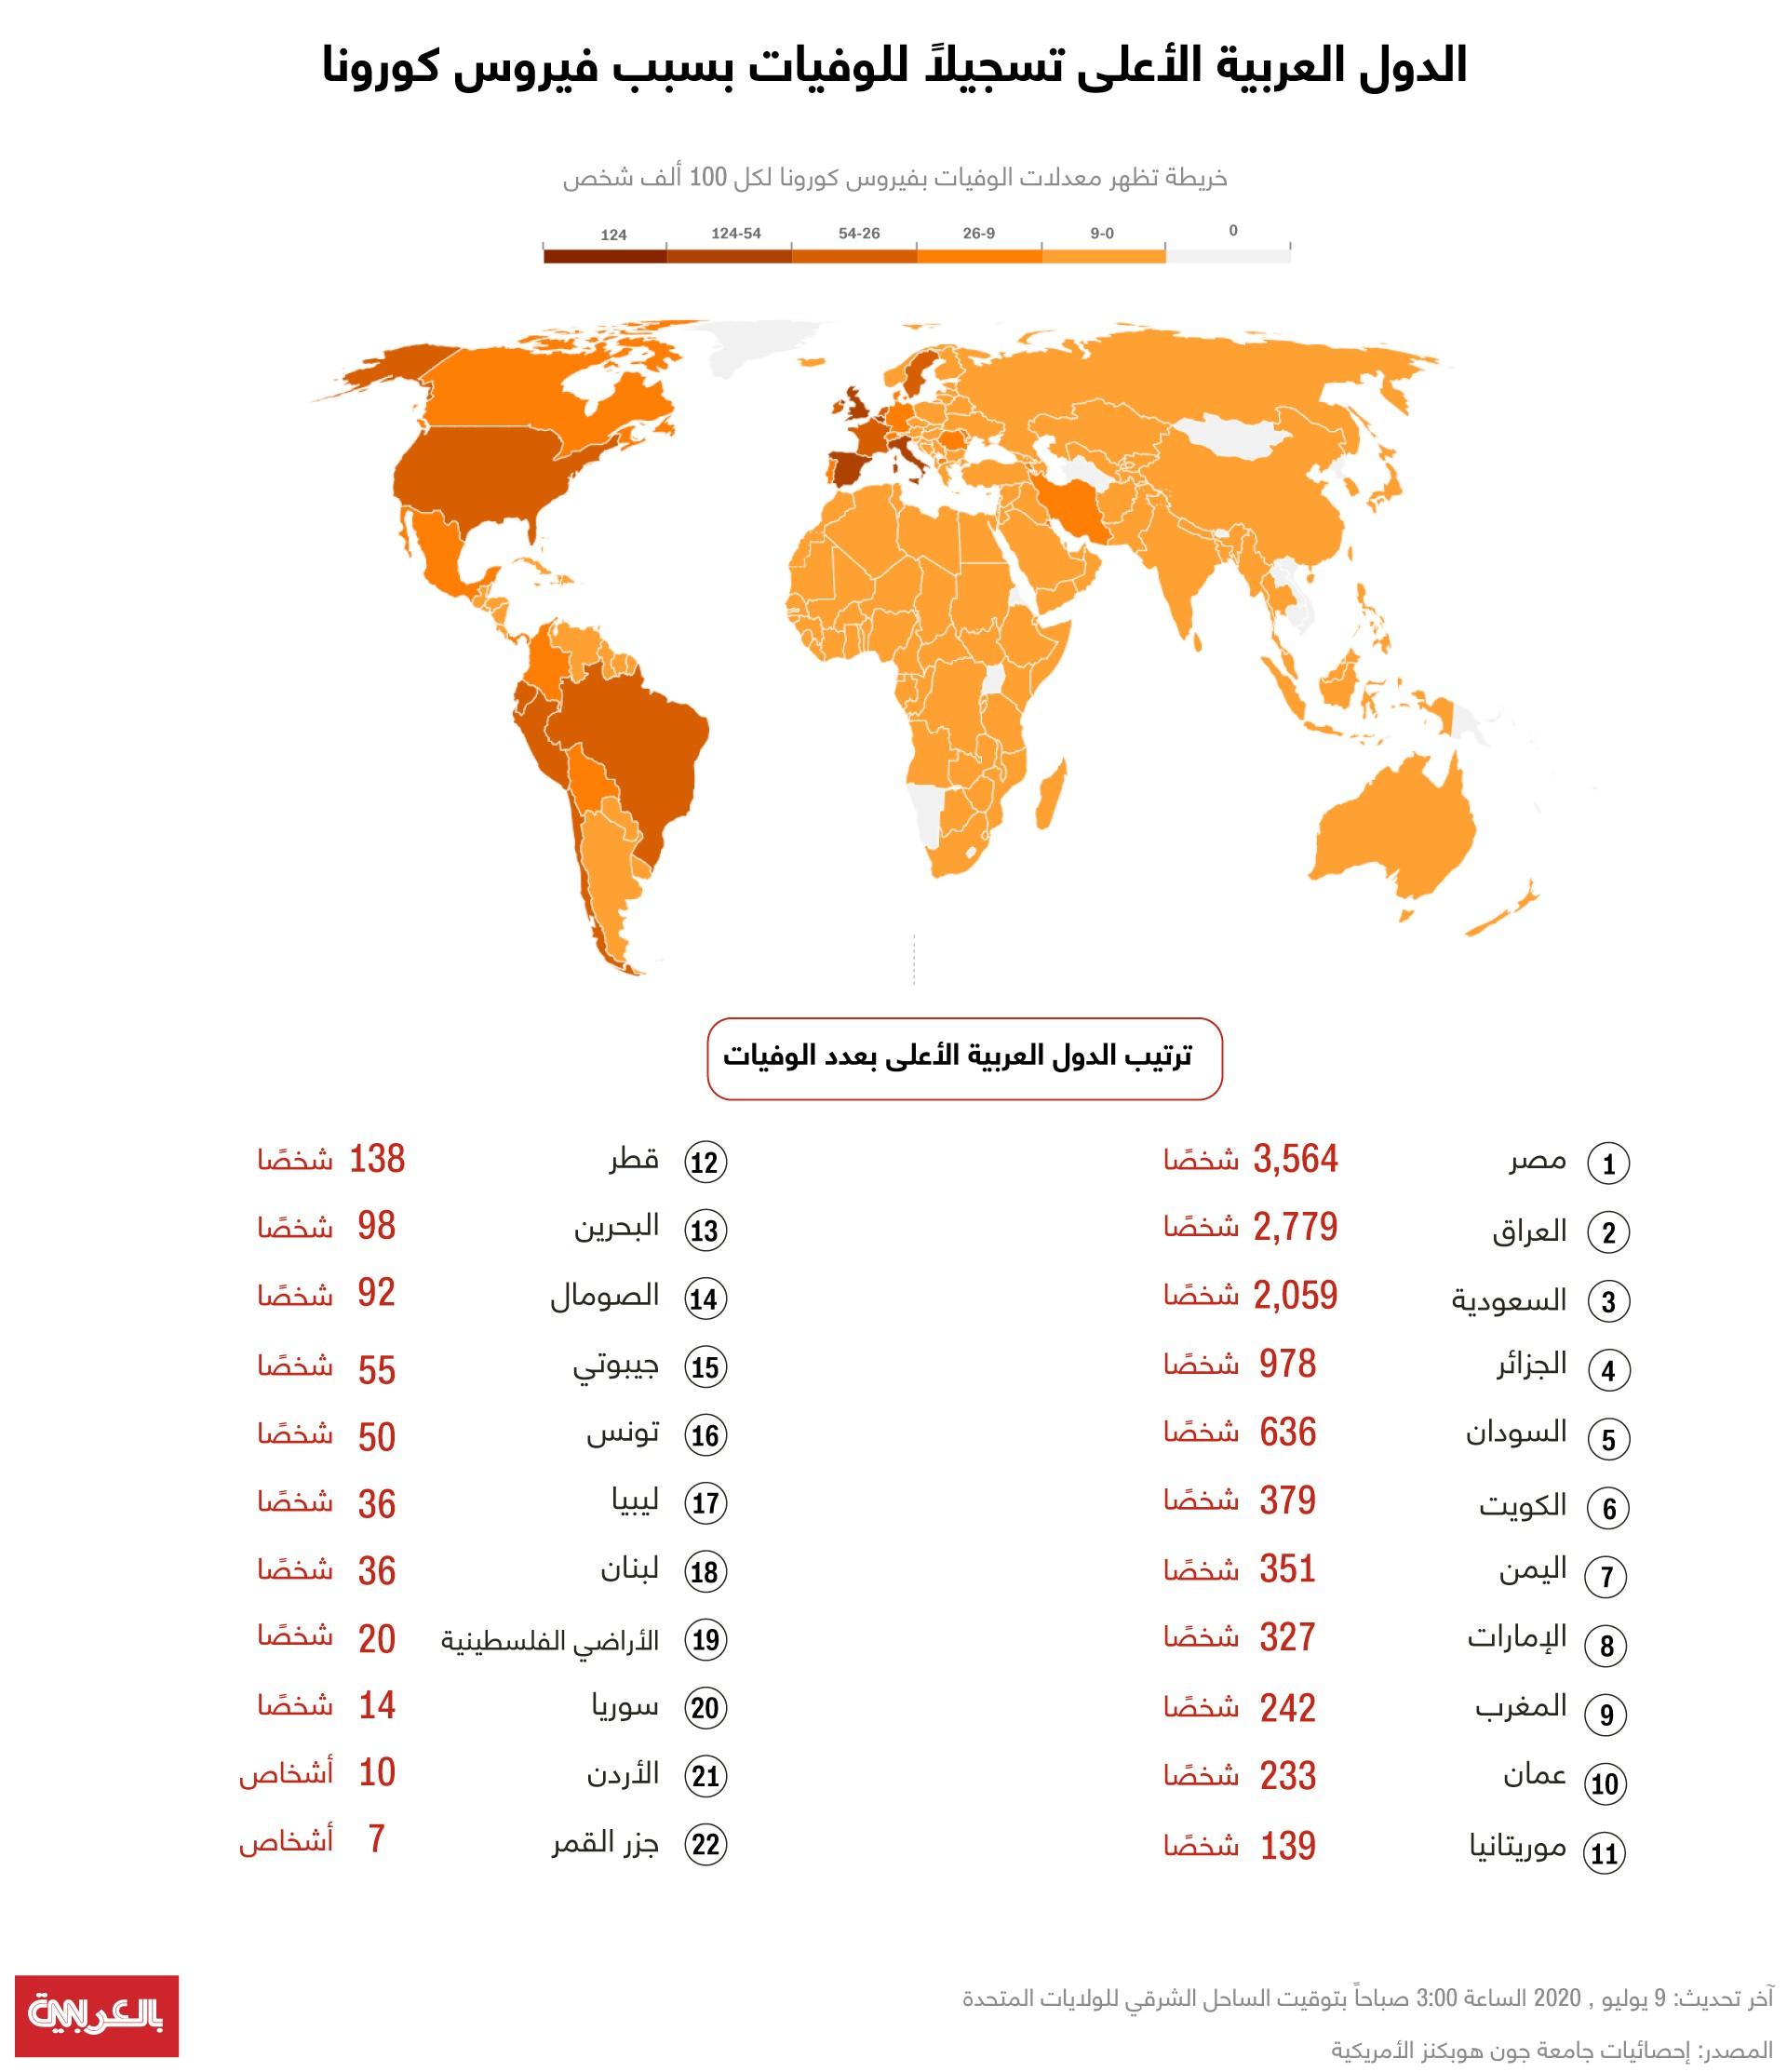 مصر من أعلى الدول التي شهدت اصابات كورونا